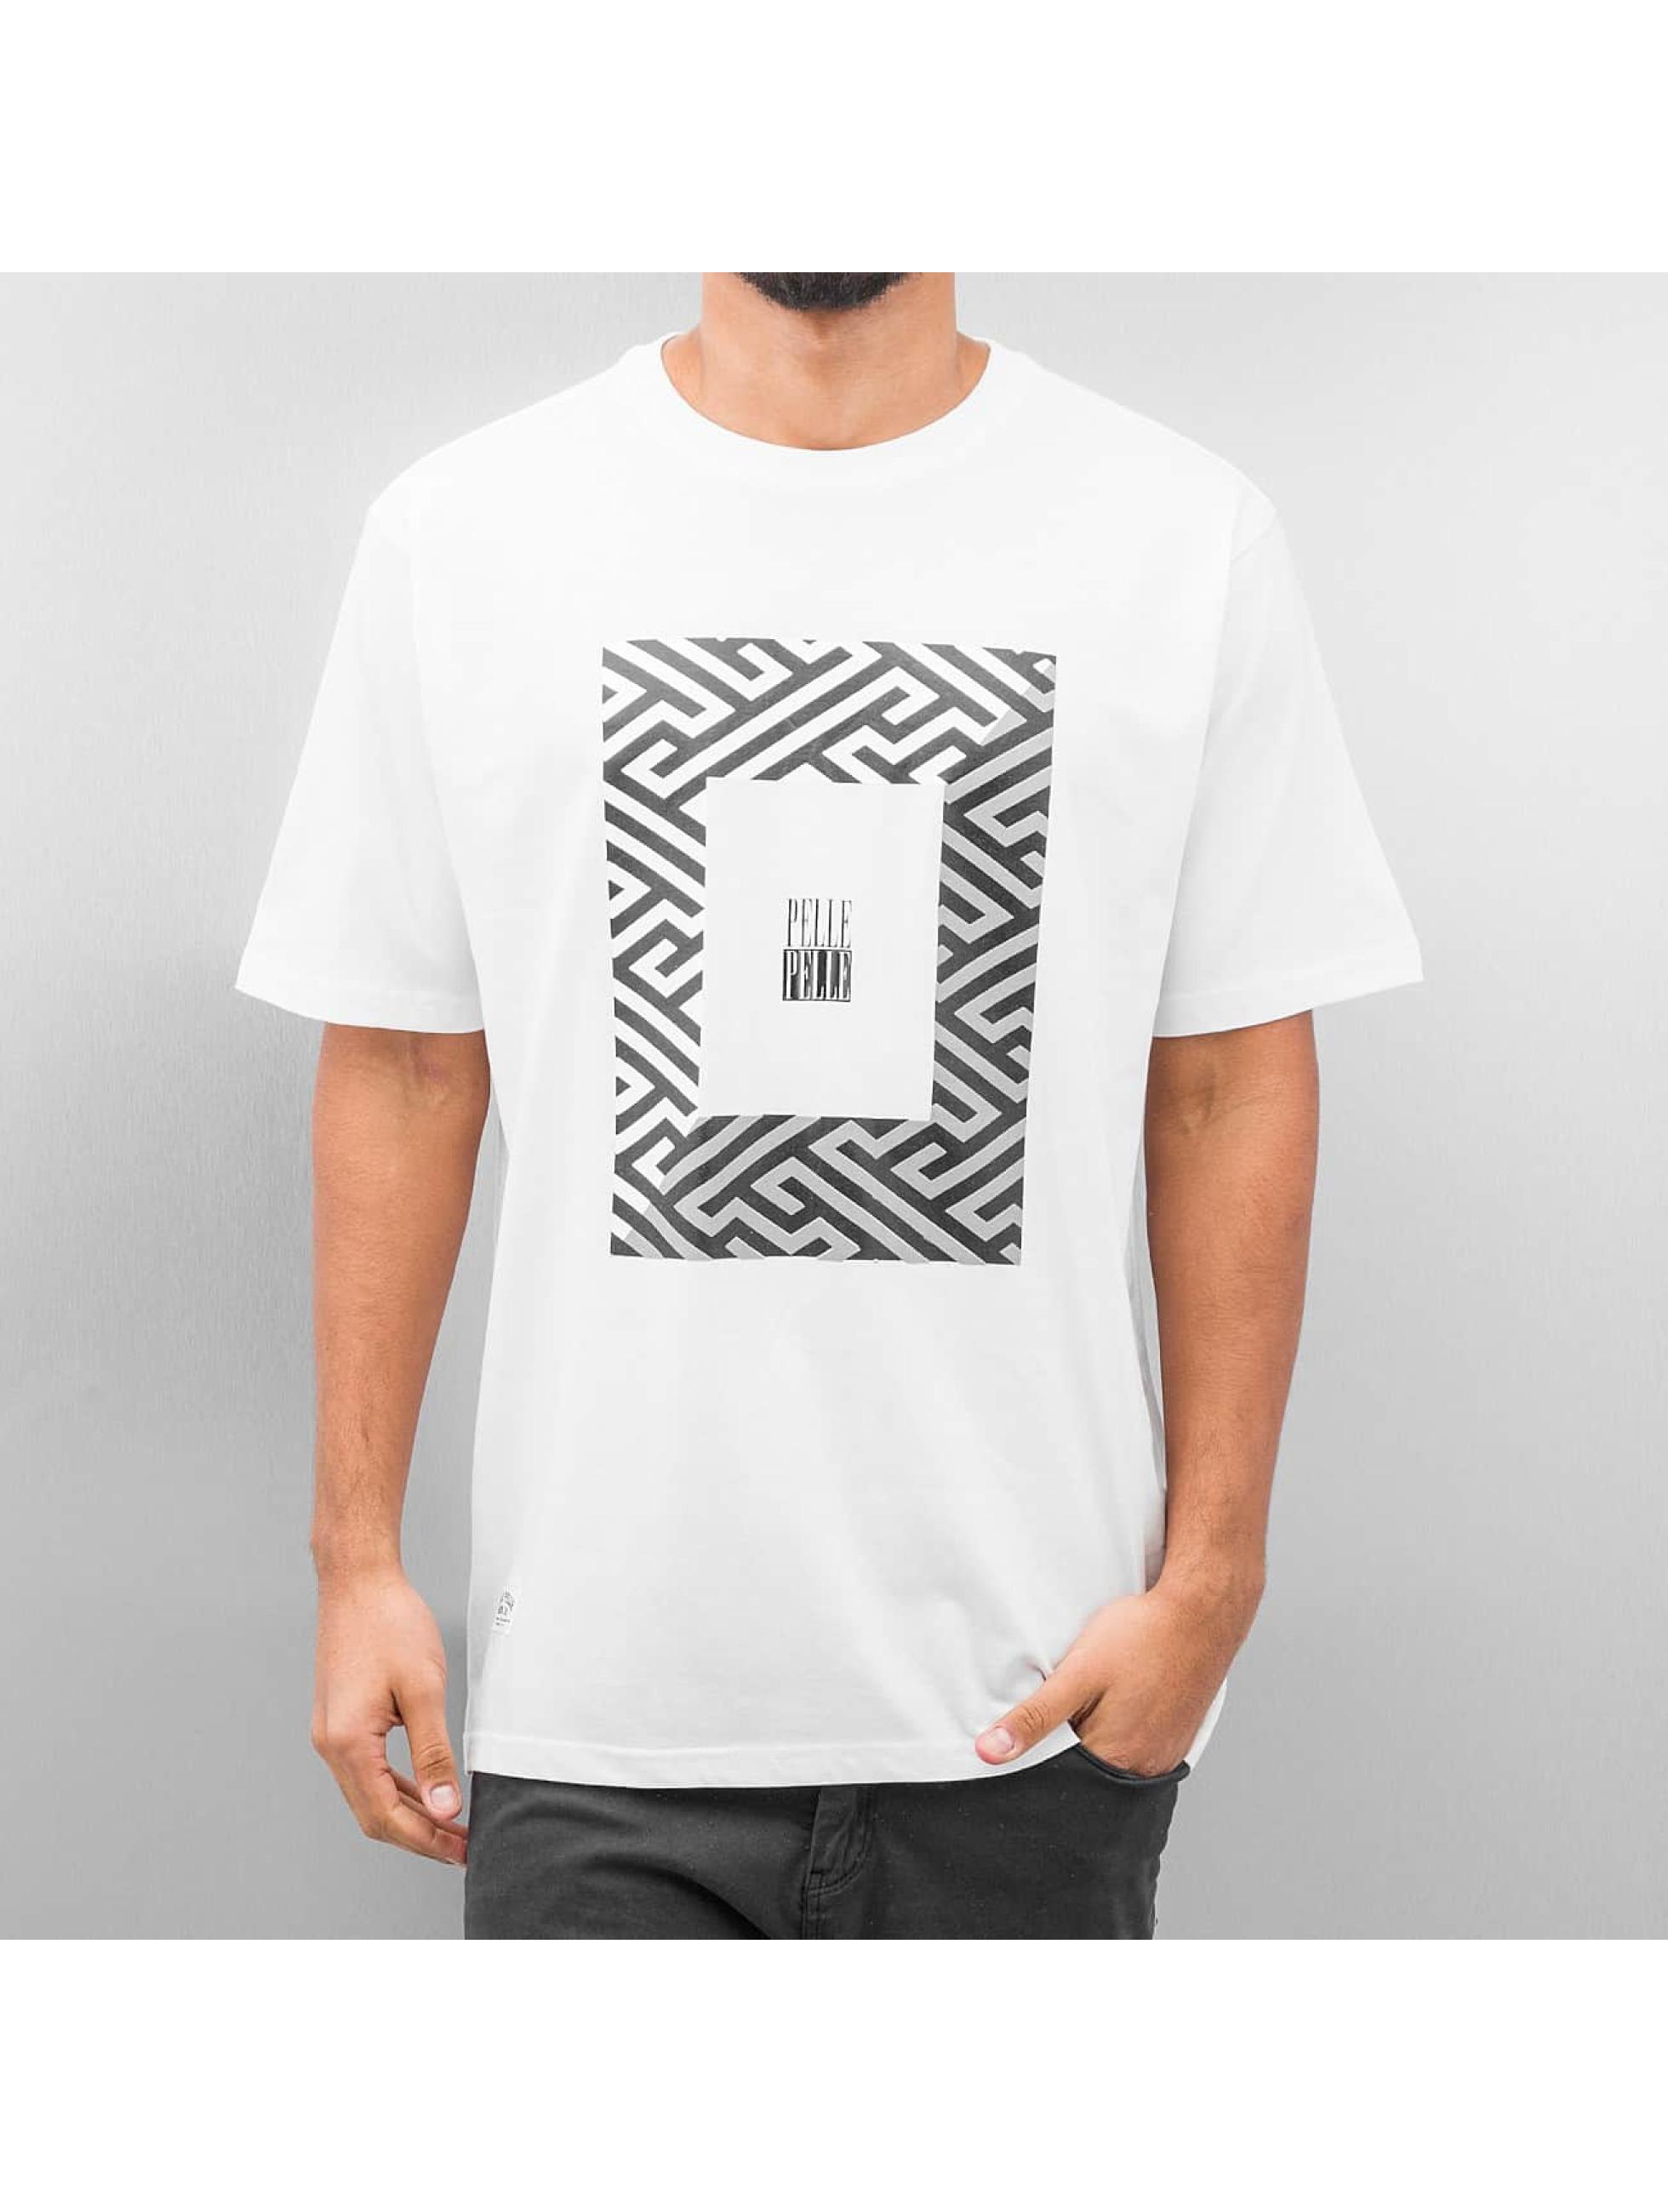 Pelle Pelle T-Shirt Dark Maze weiß